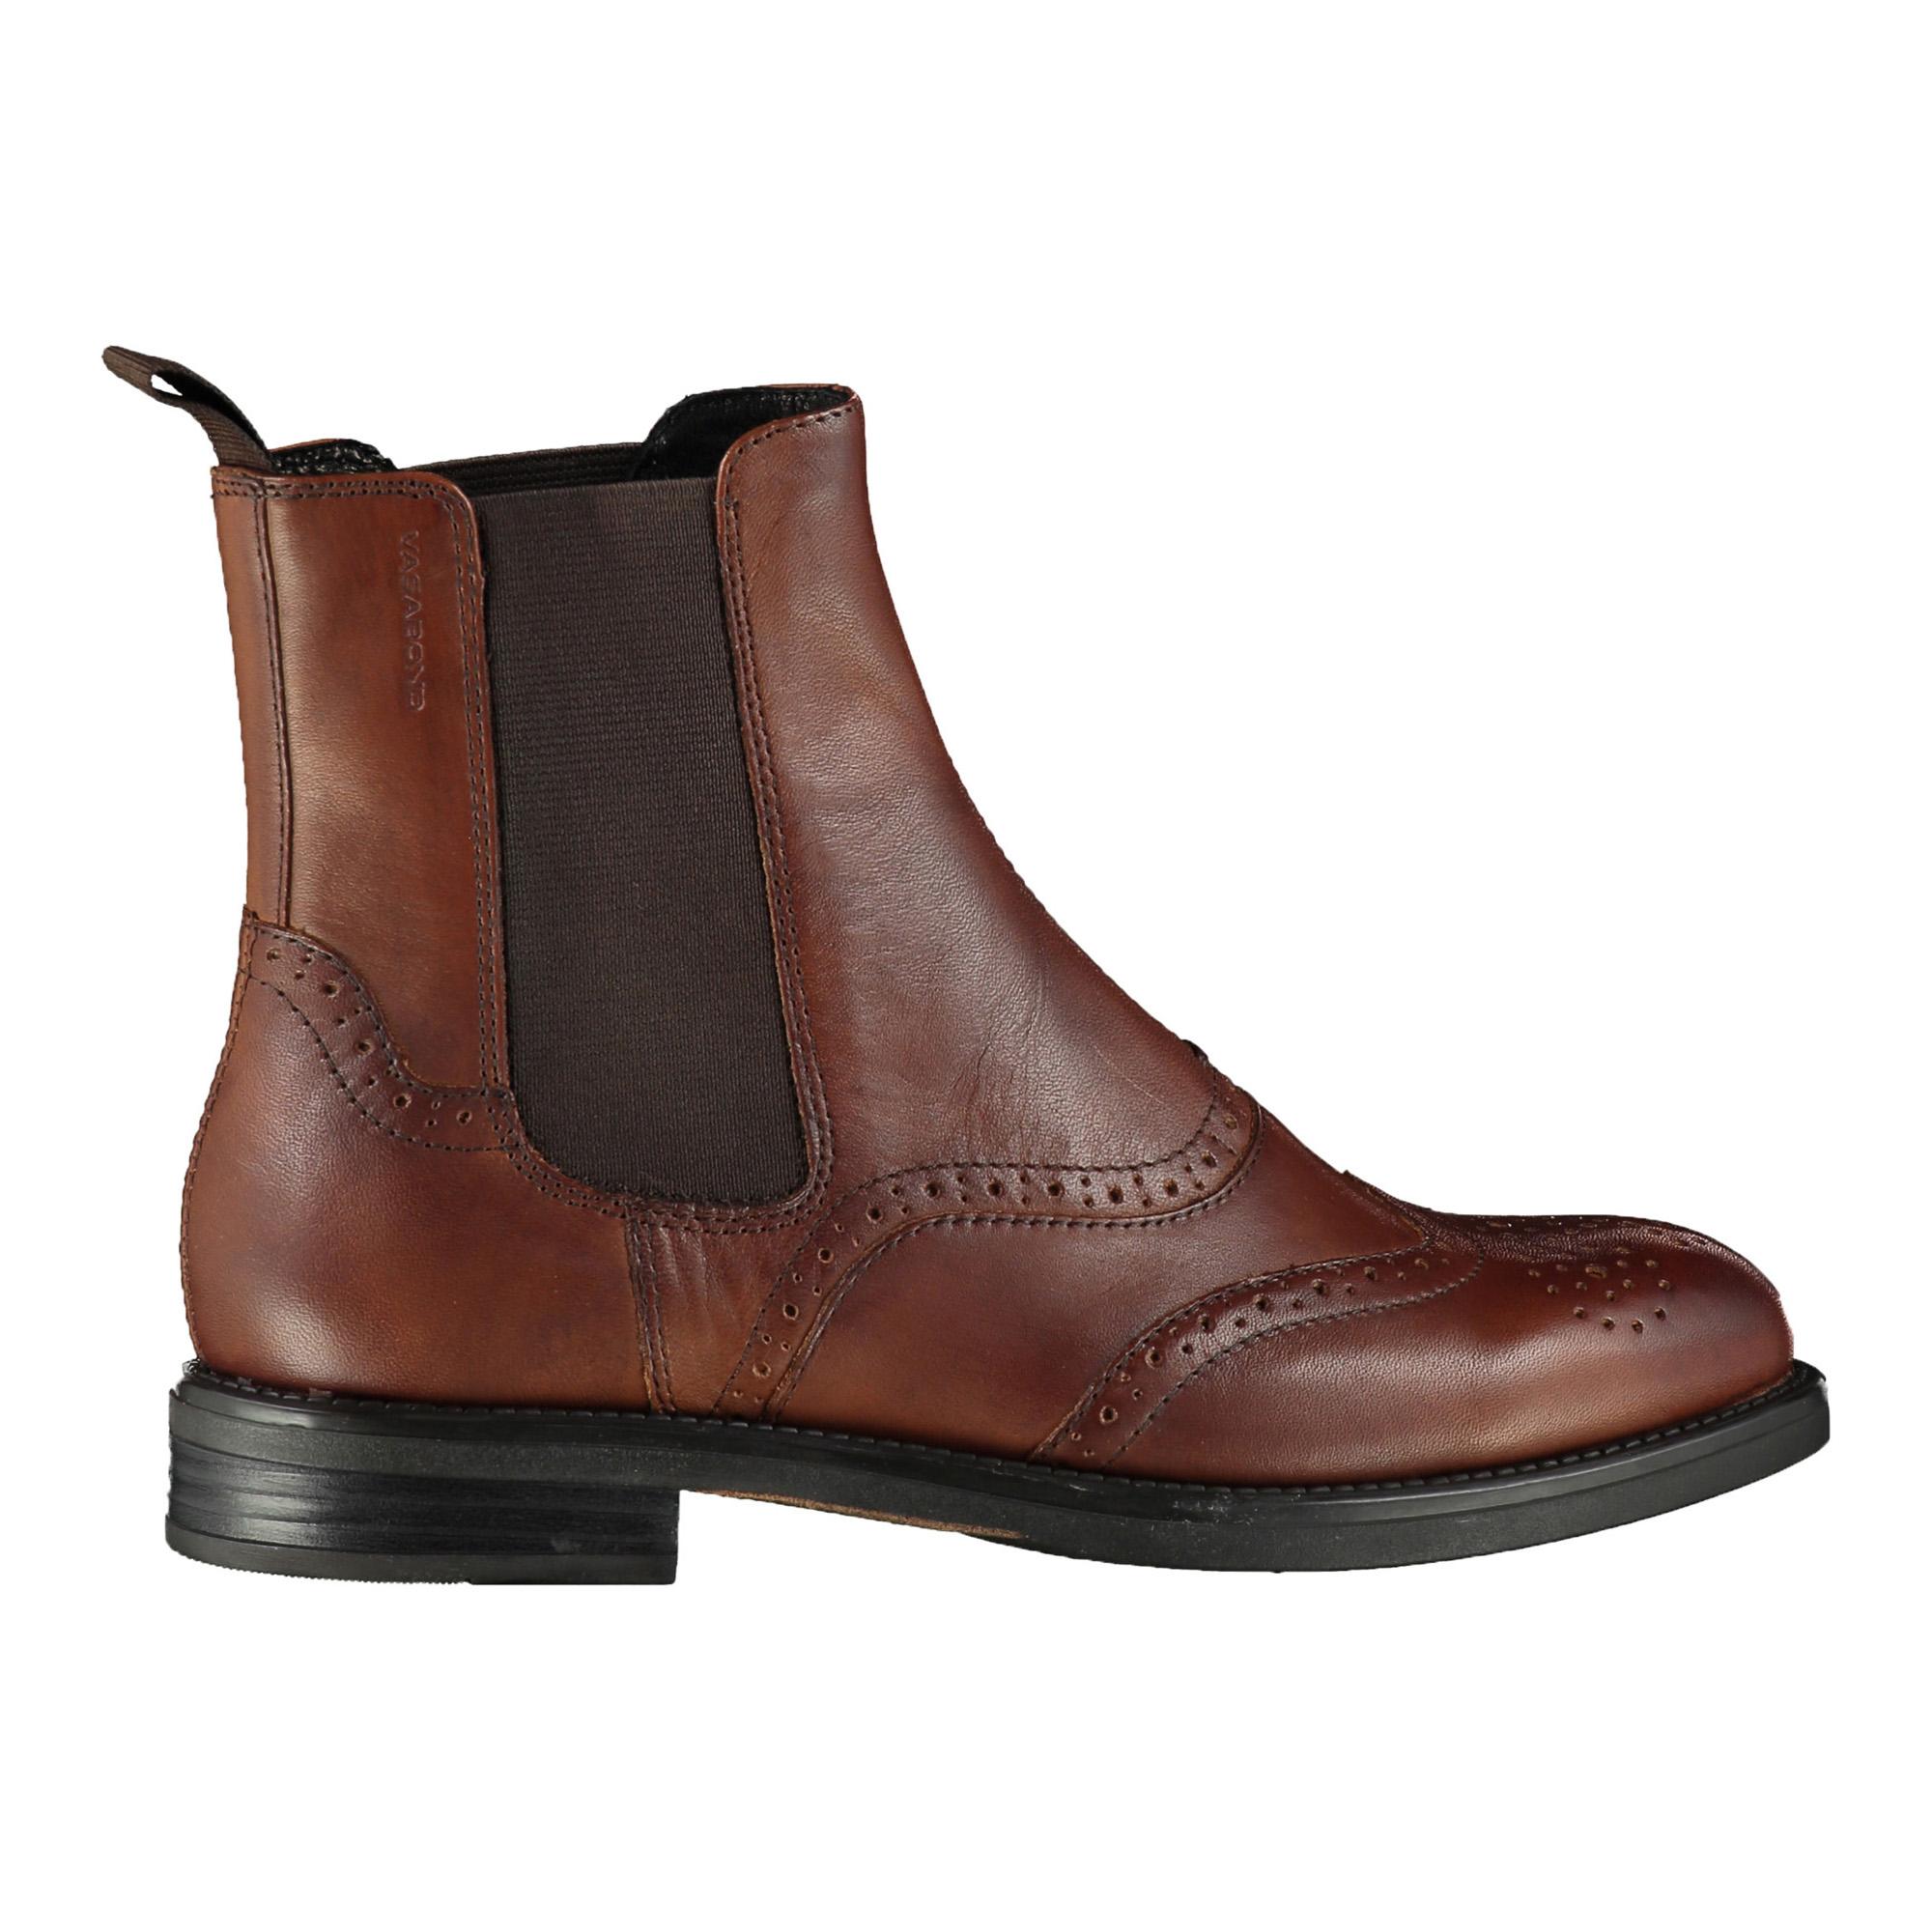 298dd1e0cef Saapad - Saapad - Naiste jalatsid - Jalatsid